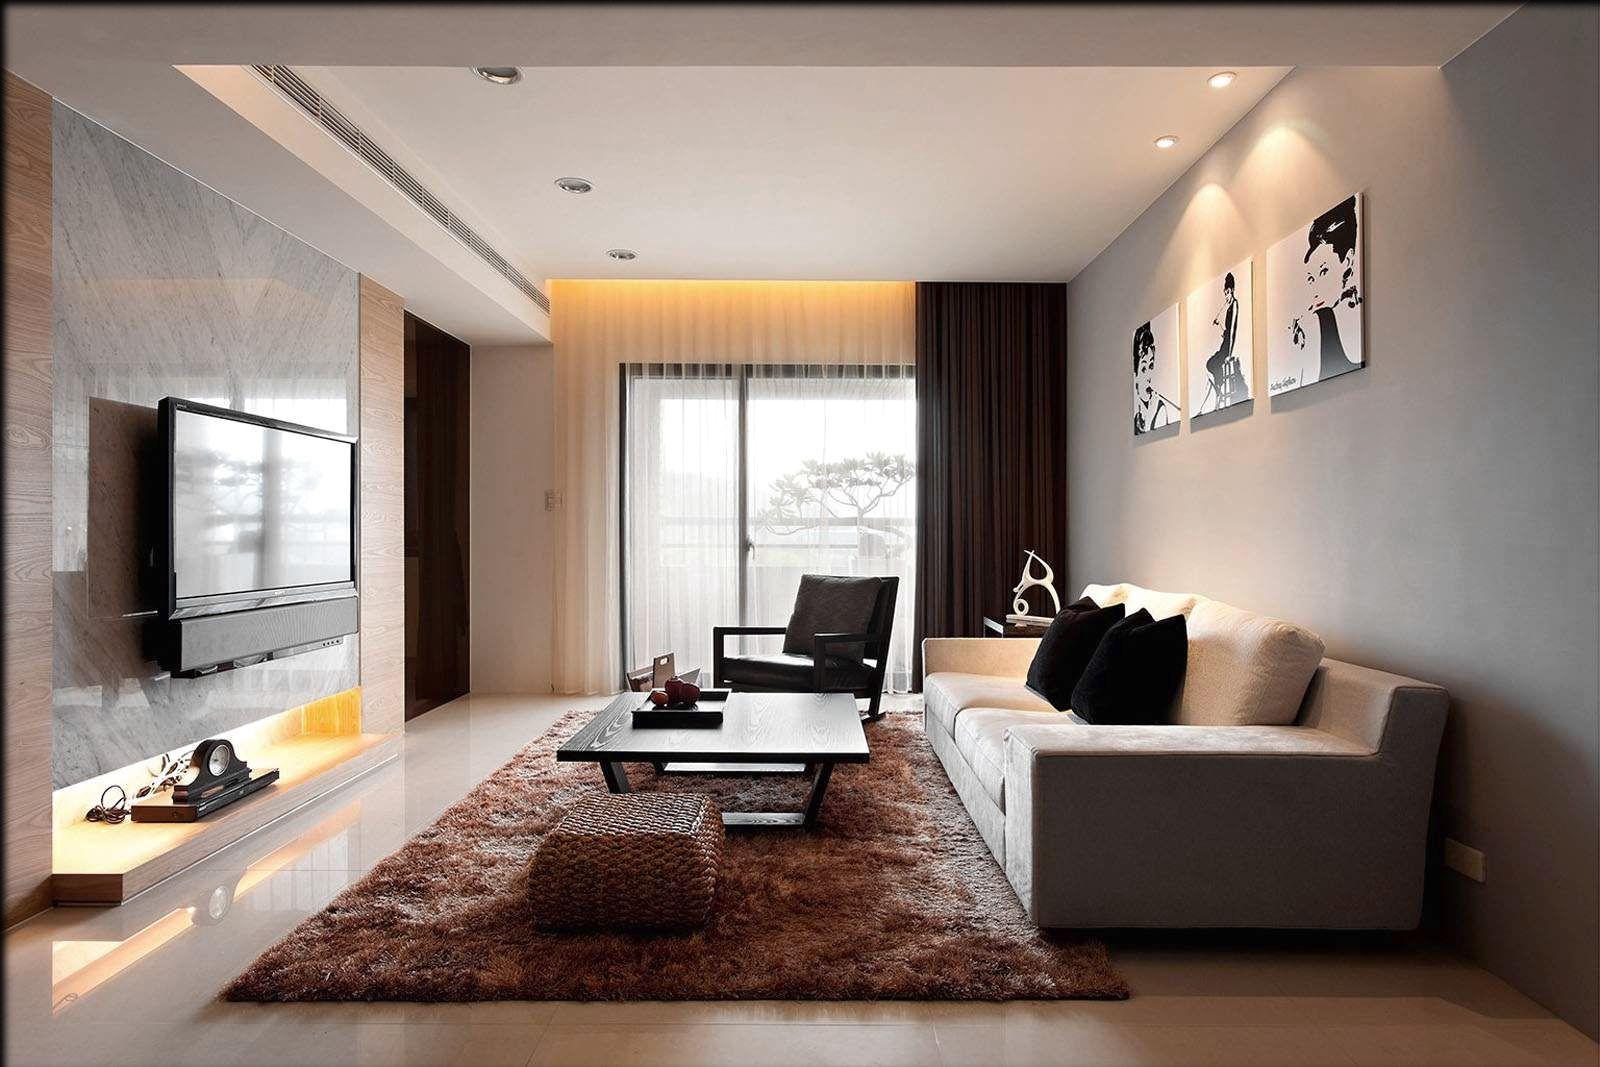 Interior Design Ideas In 2020 Living Room Design Modern Small Living Room Design Contemporary Living Room Design